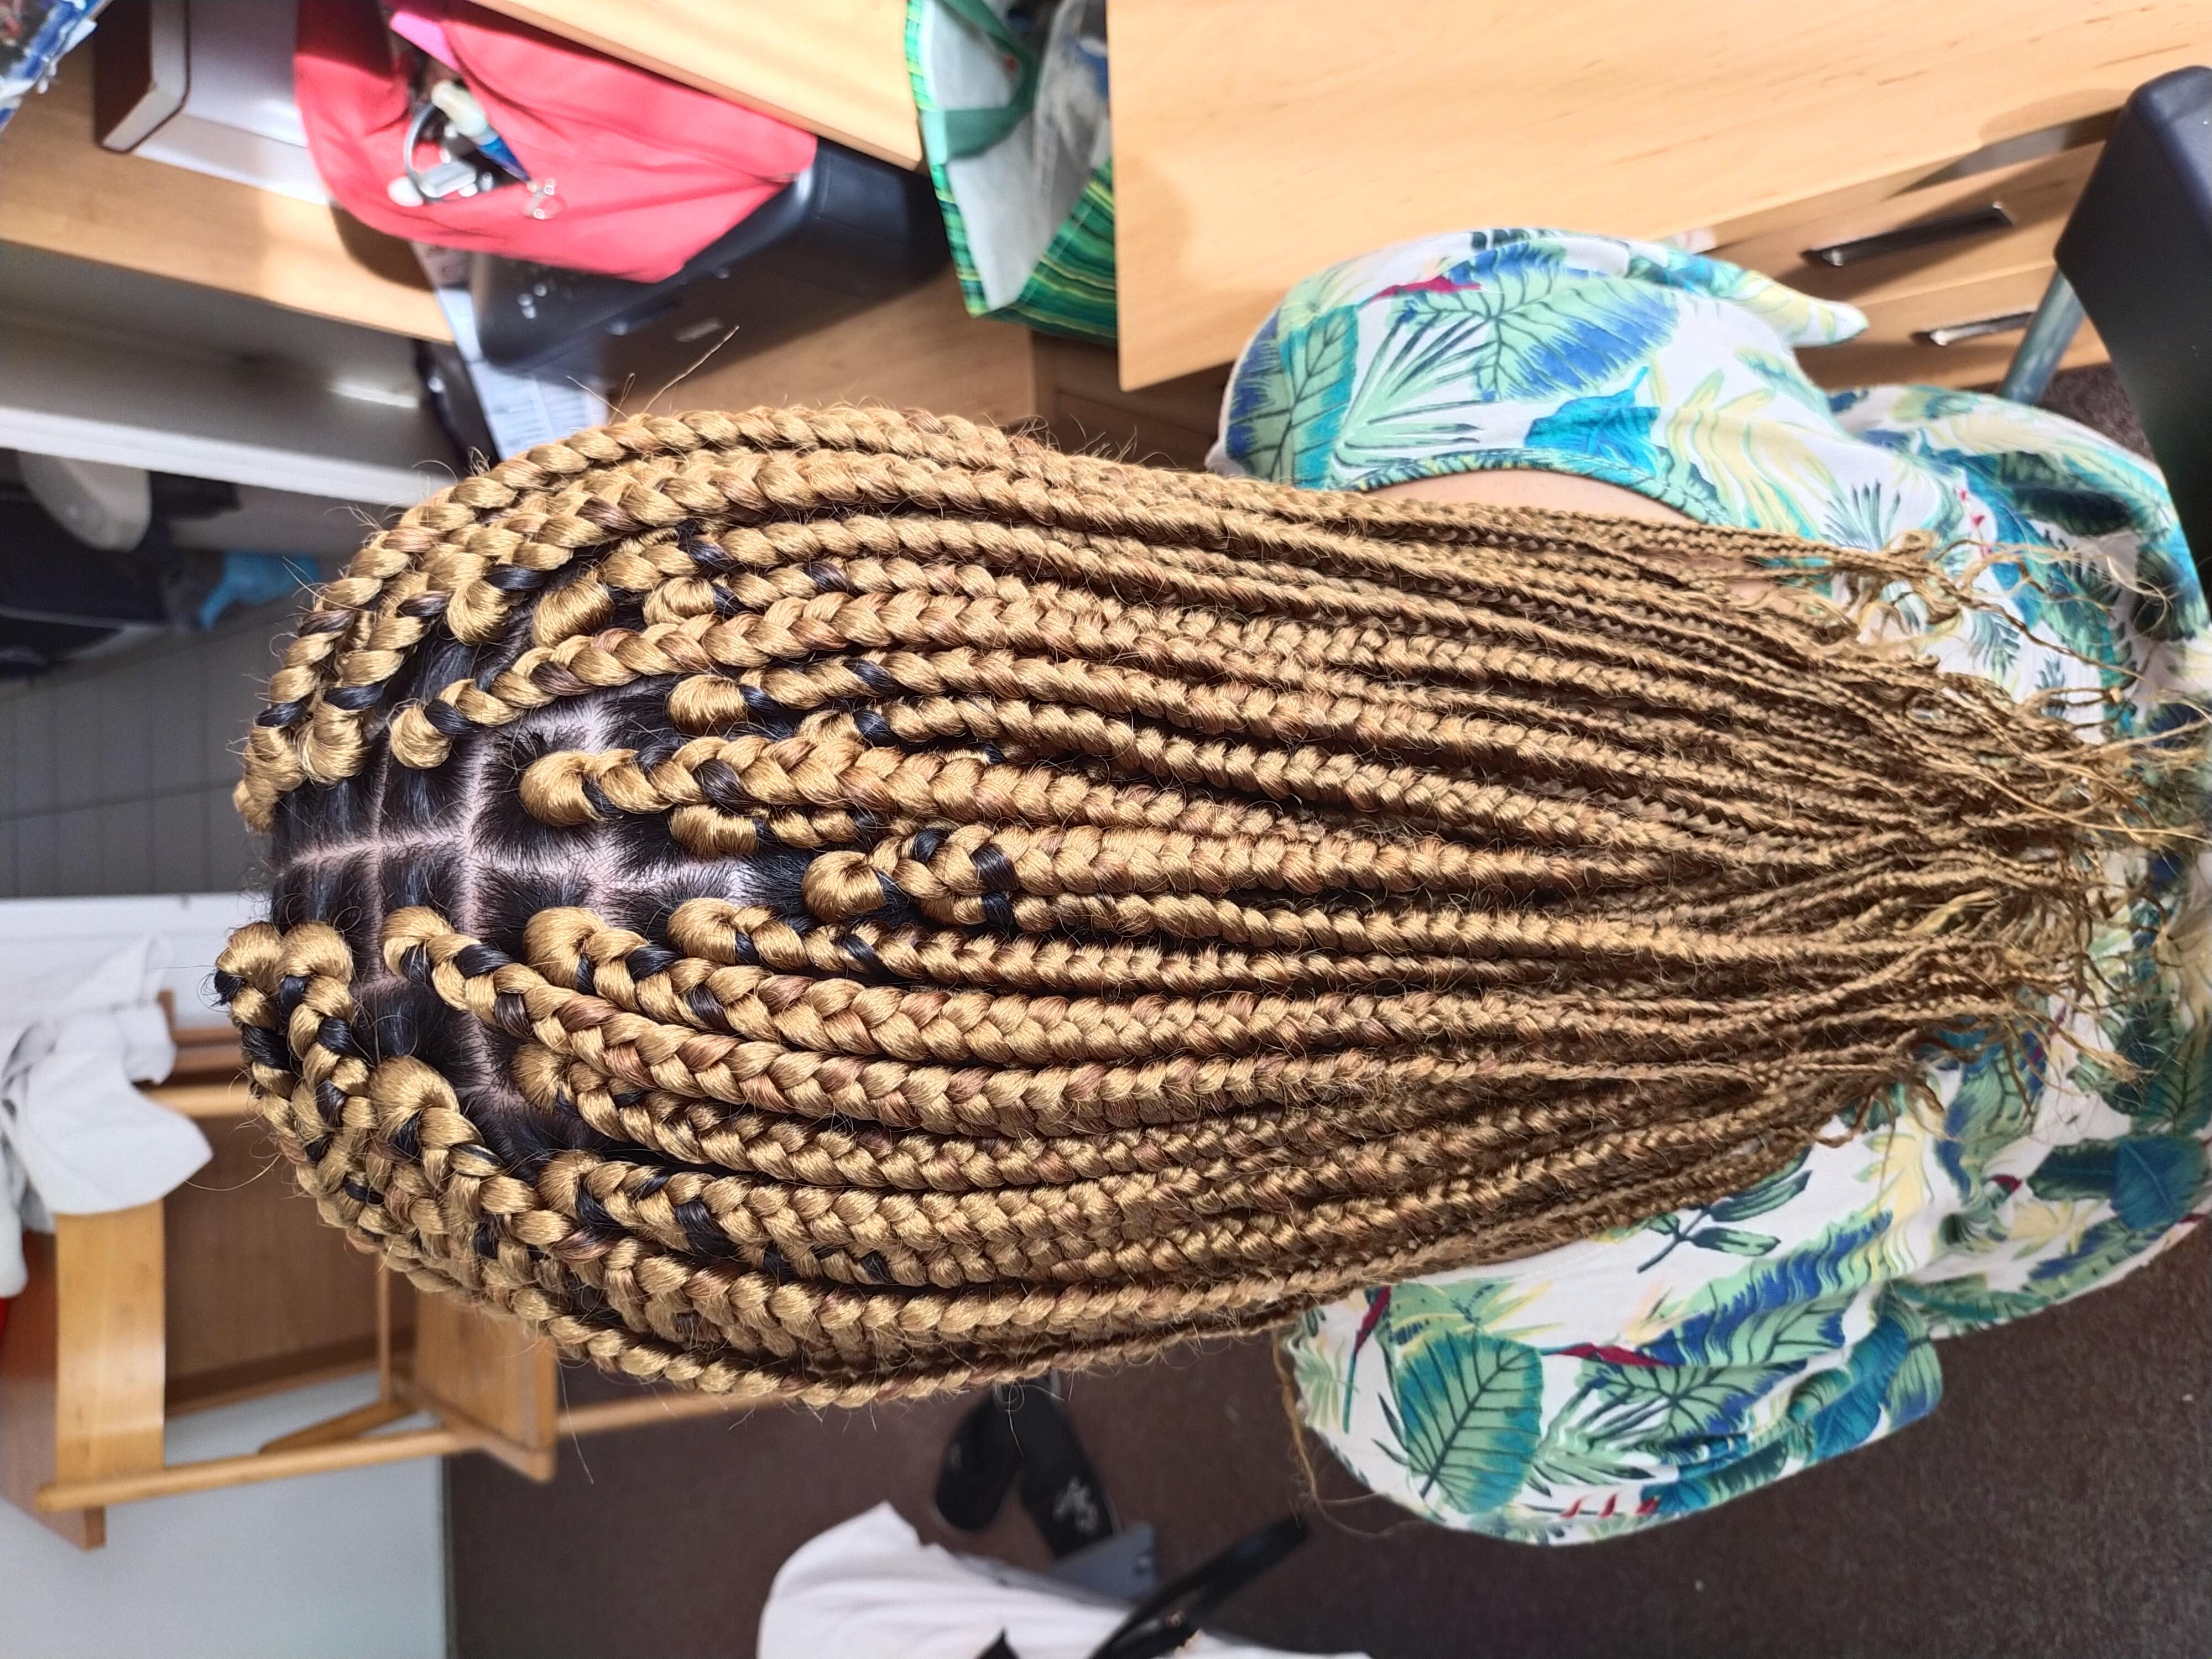 salon de coiffure afro tresse tresses box braids crochet braids vanilles tissages paris 75 77 78 91 92 93 94 95 URTVGGAZ